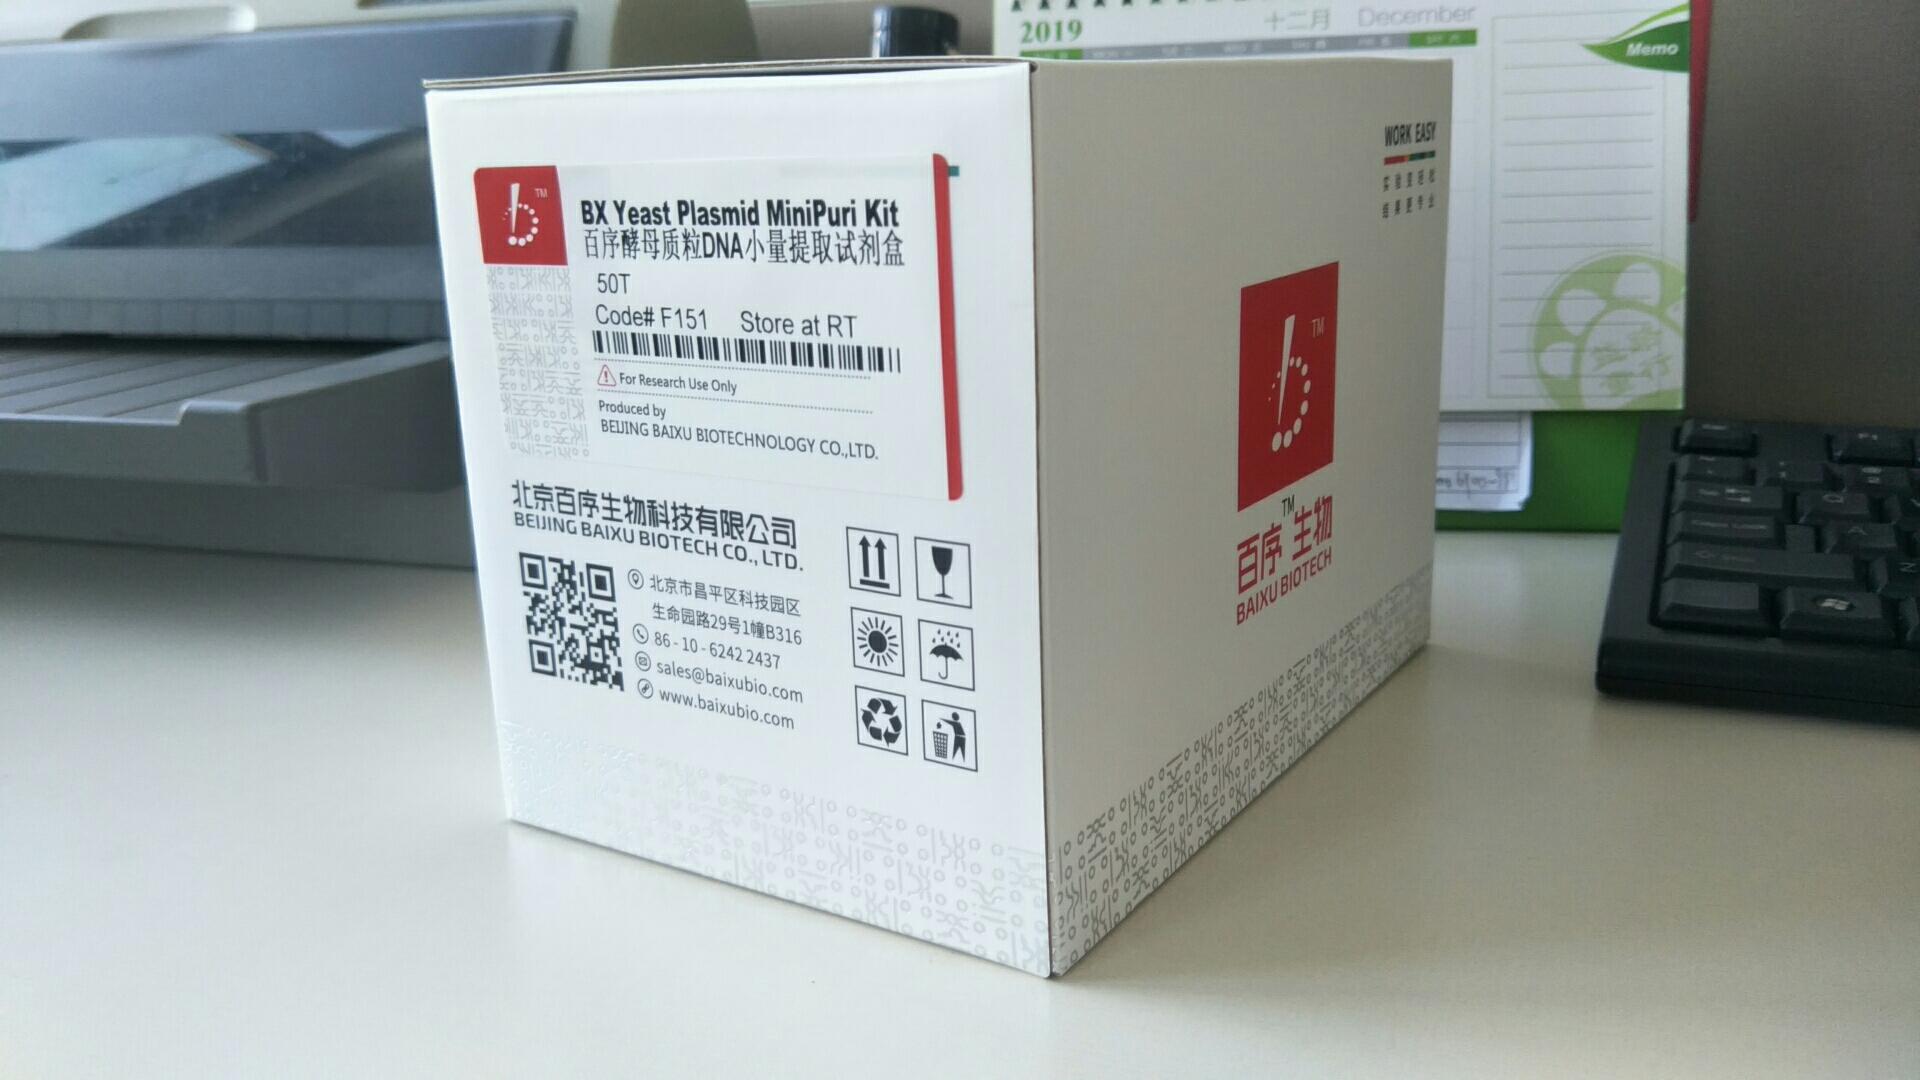 百序酵母质粒 DNA 小量提取试剂盒 (50T)